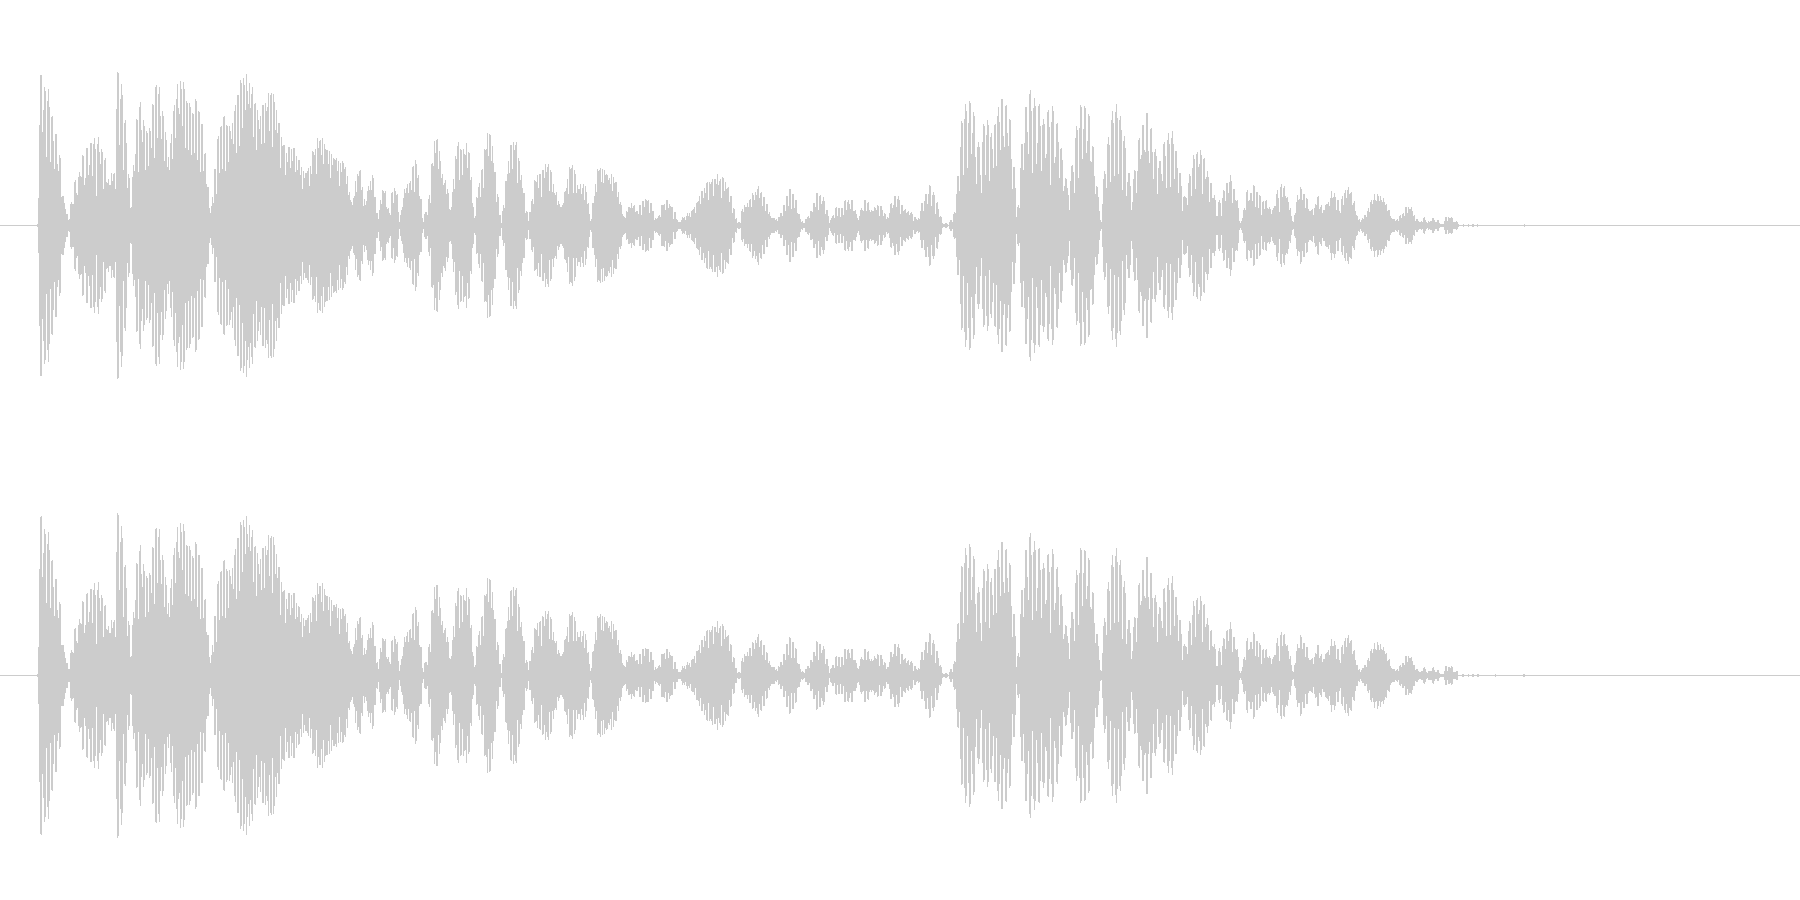 プワァ〜ワ(風船が弾むような音)の未再生の波形